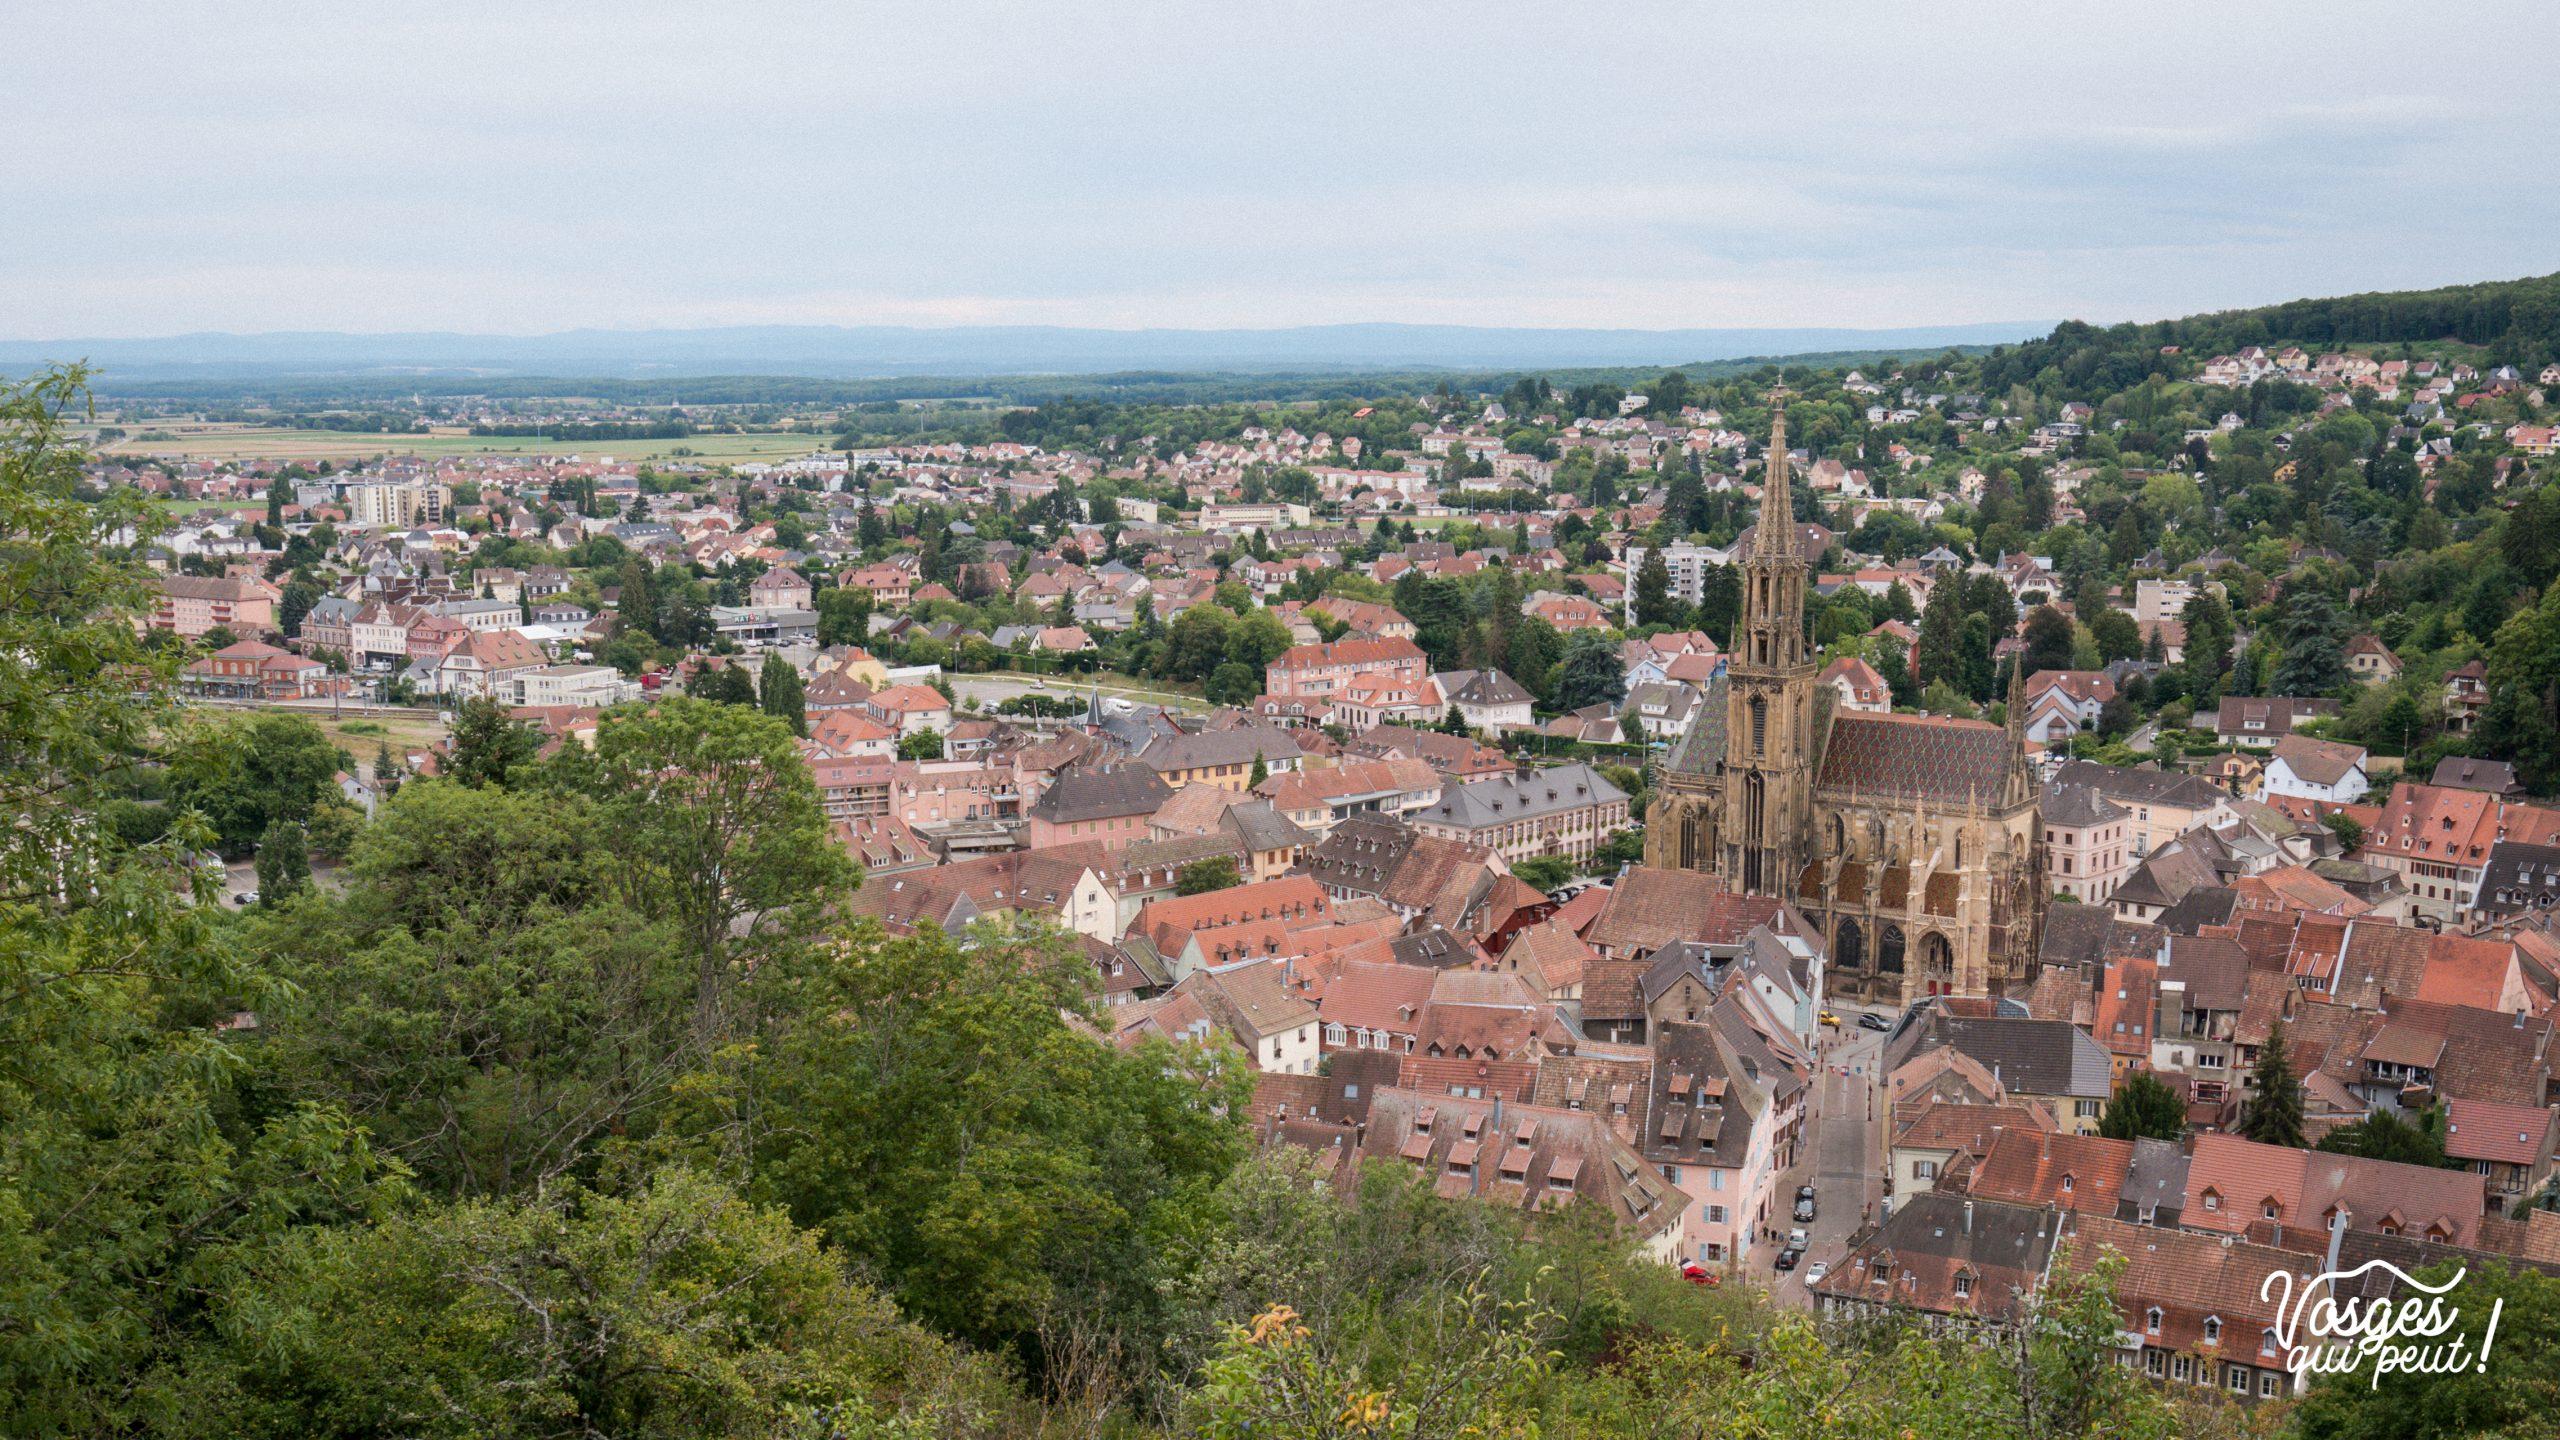 La ville de Thann depuis le château de l'Engelbourg Œil de la Sorcière